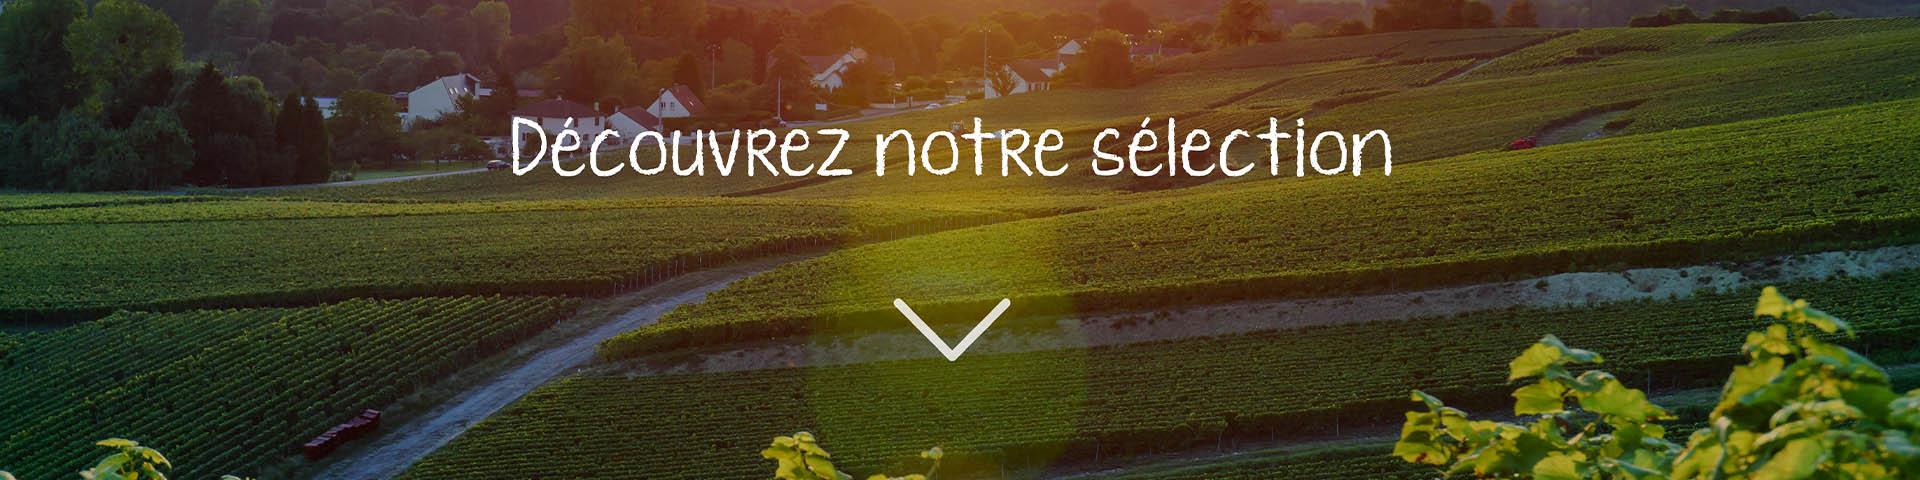 slide_selection.jpg